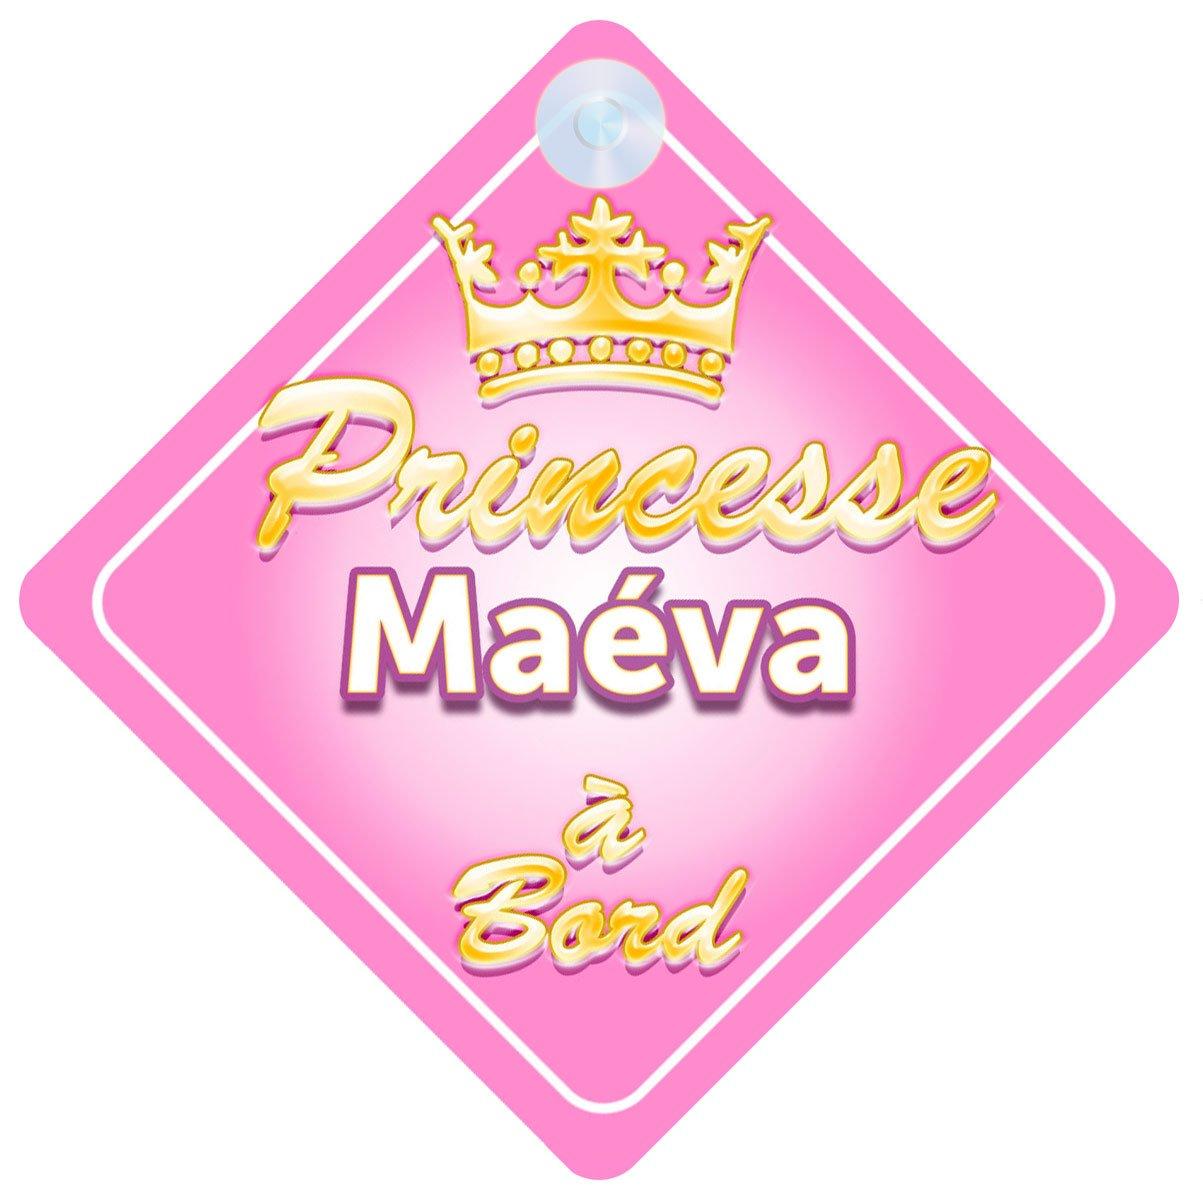 Couronne Princesse Maéva Signe Pour Voiture Enfant/Bébé à Bord Quality Goods Ltd